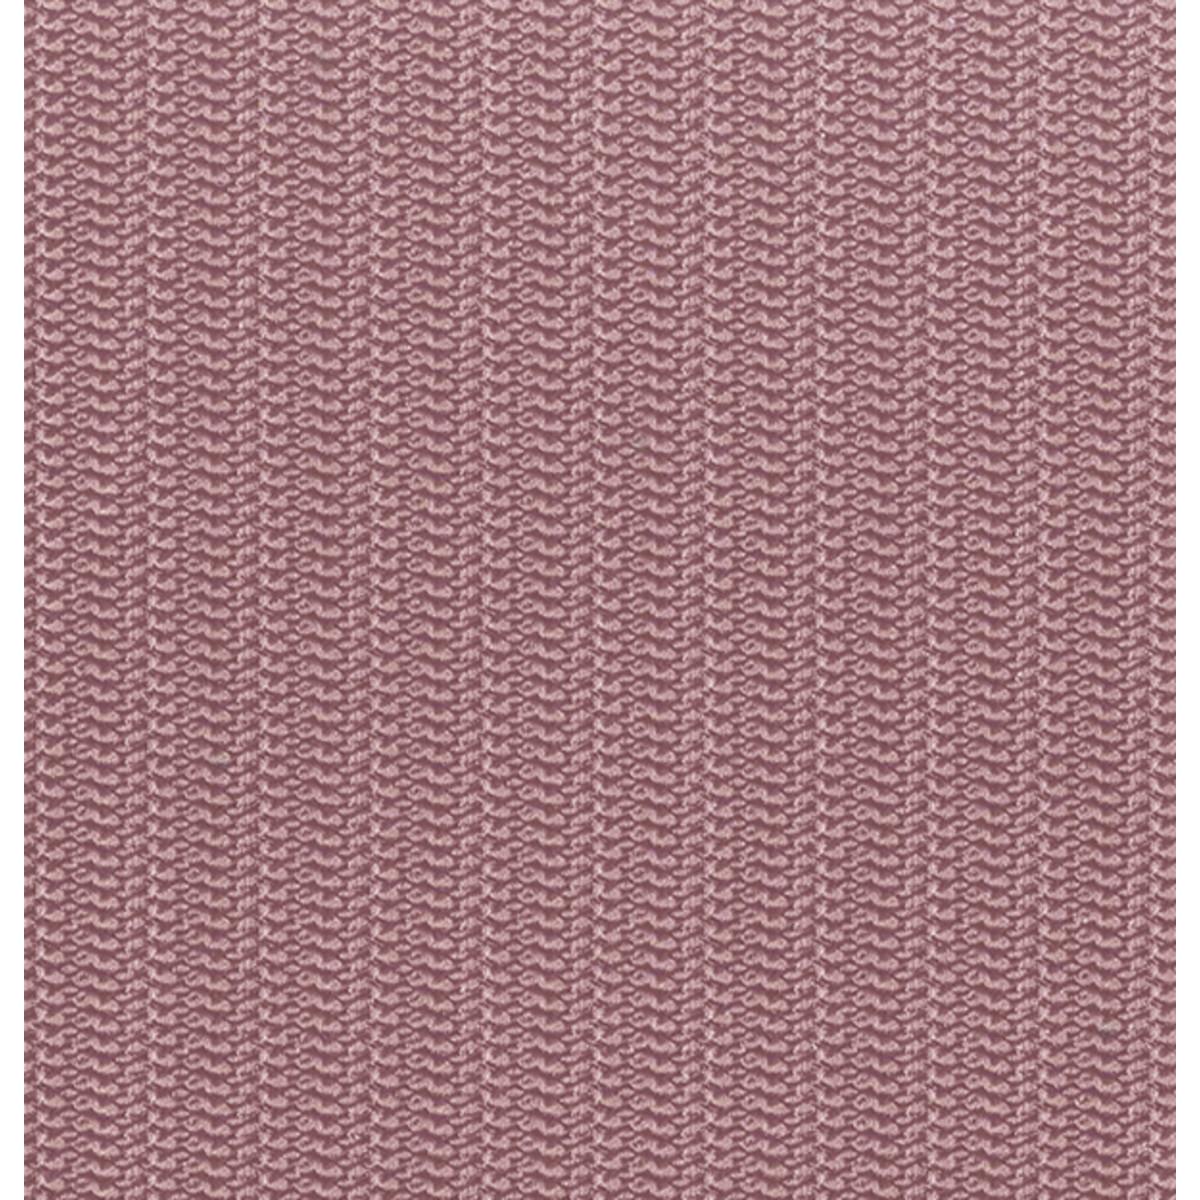 Обои виниловые Gaenari фиолетовые 1.06 м 88254-4